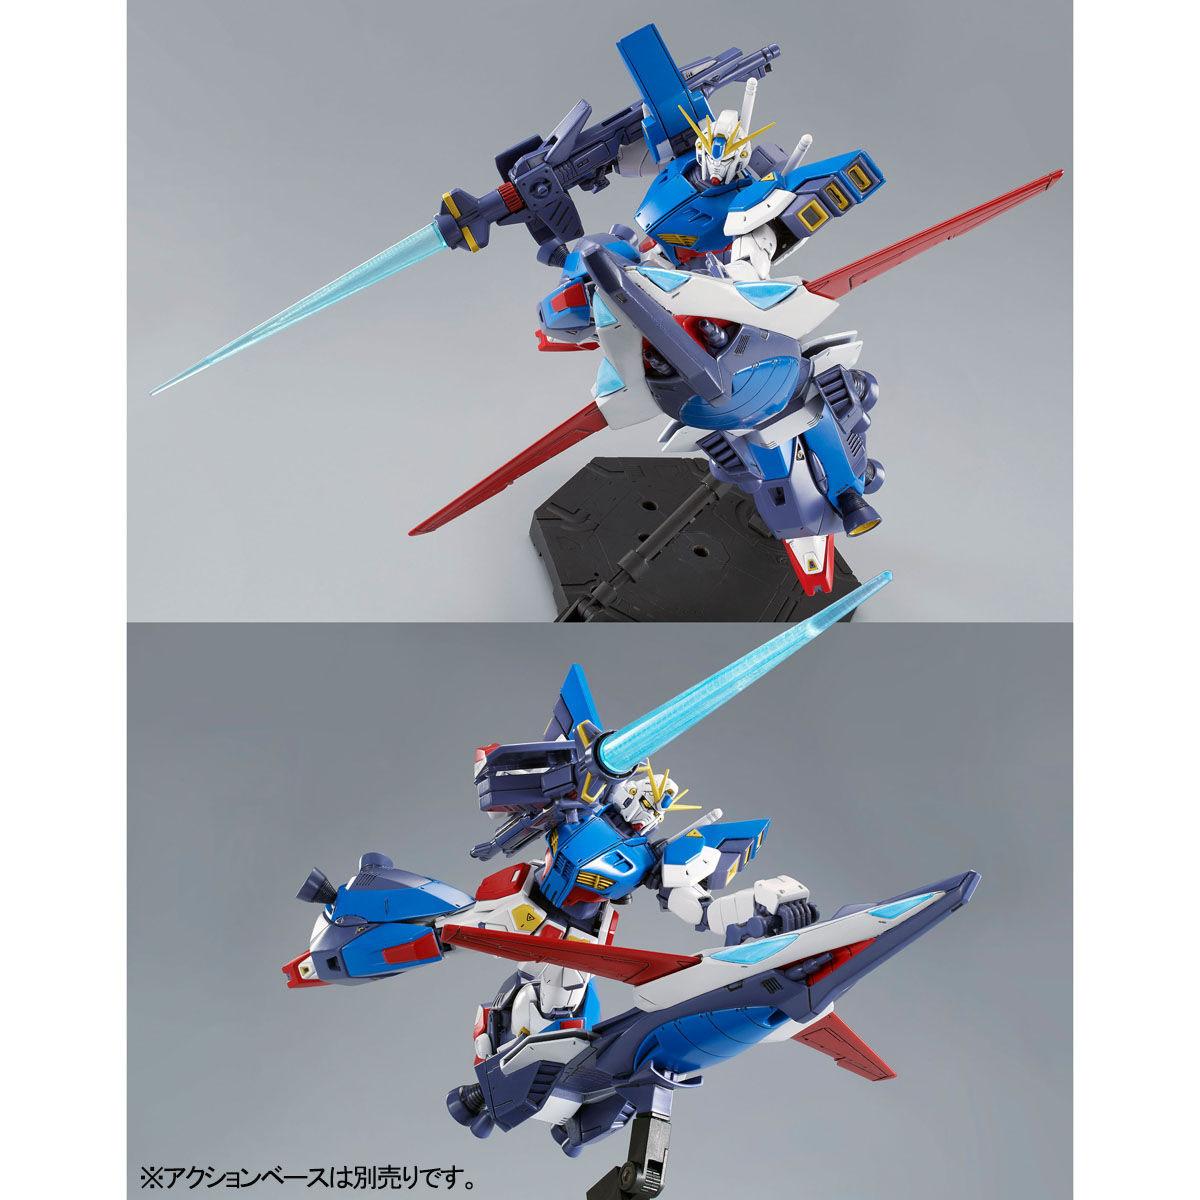 【限定販売】MG 1/100『ガンダムF90II Iタイプ』プラモデル-006